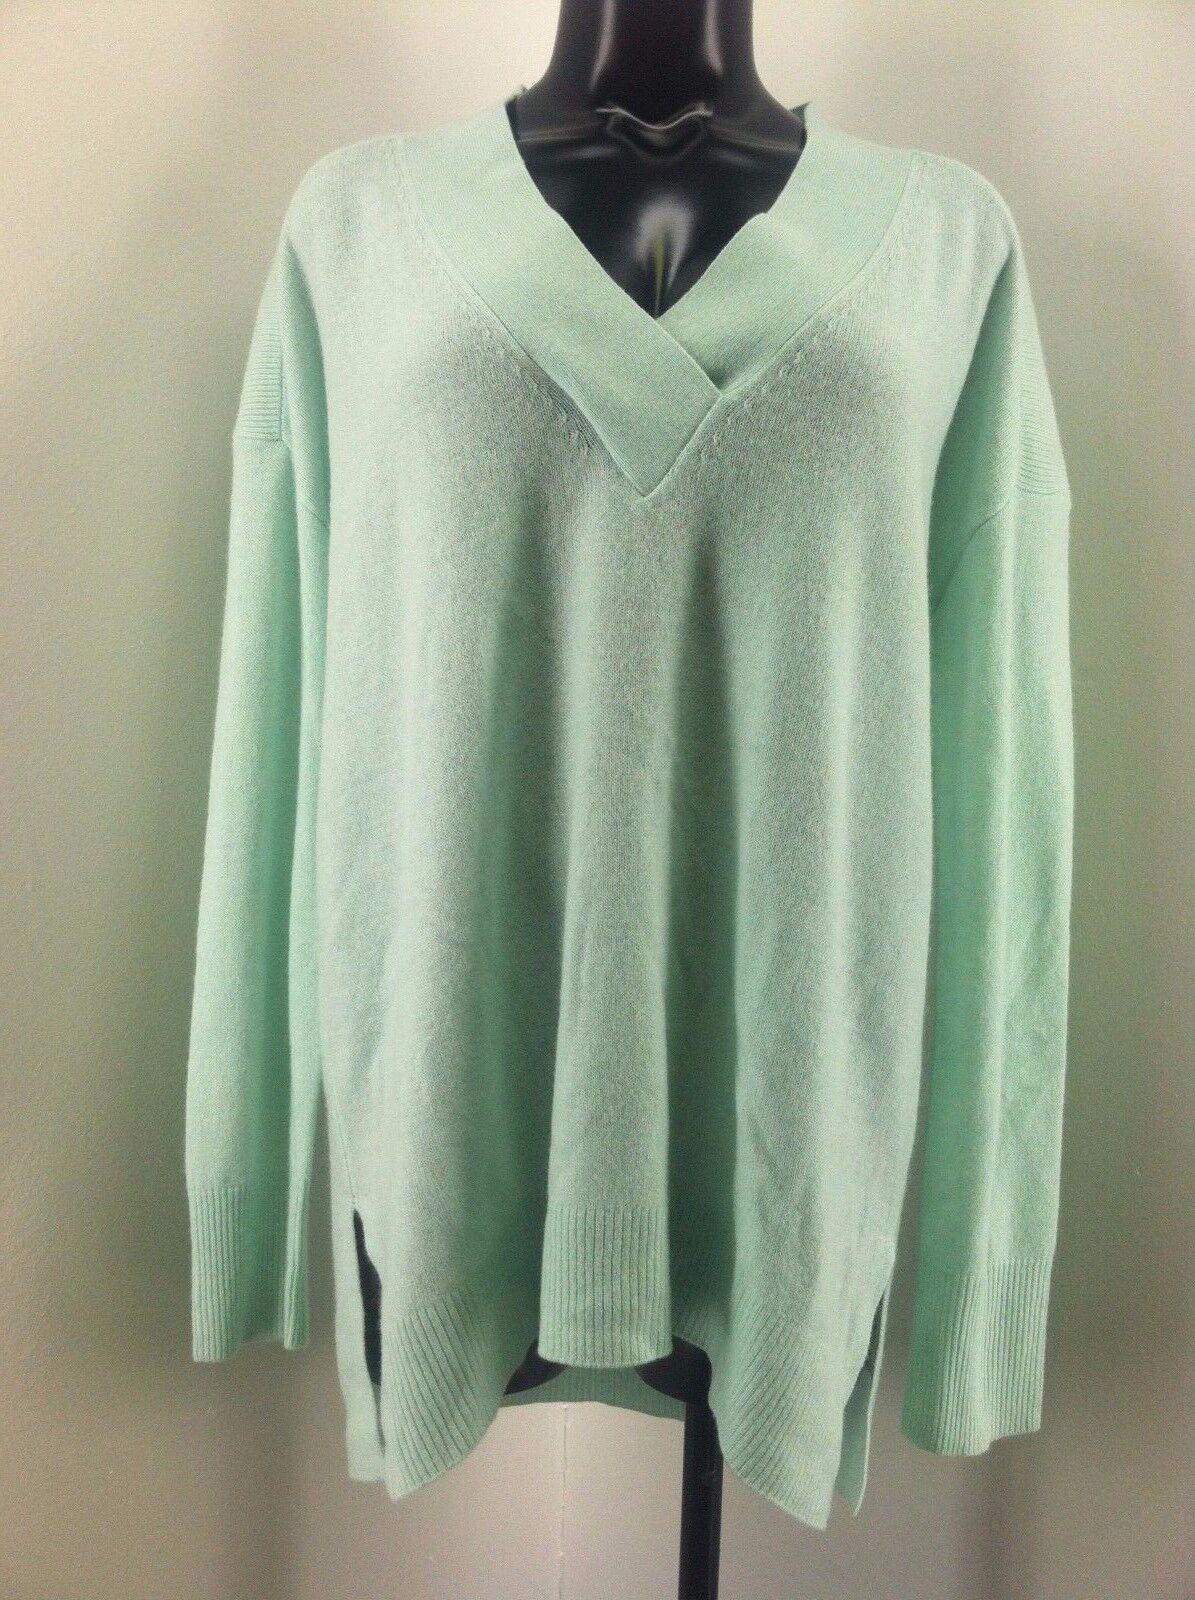 Halogen Green 100 Cashmere Sweater Women's Size M | eBay